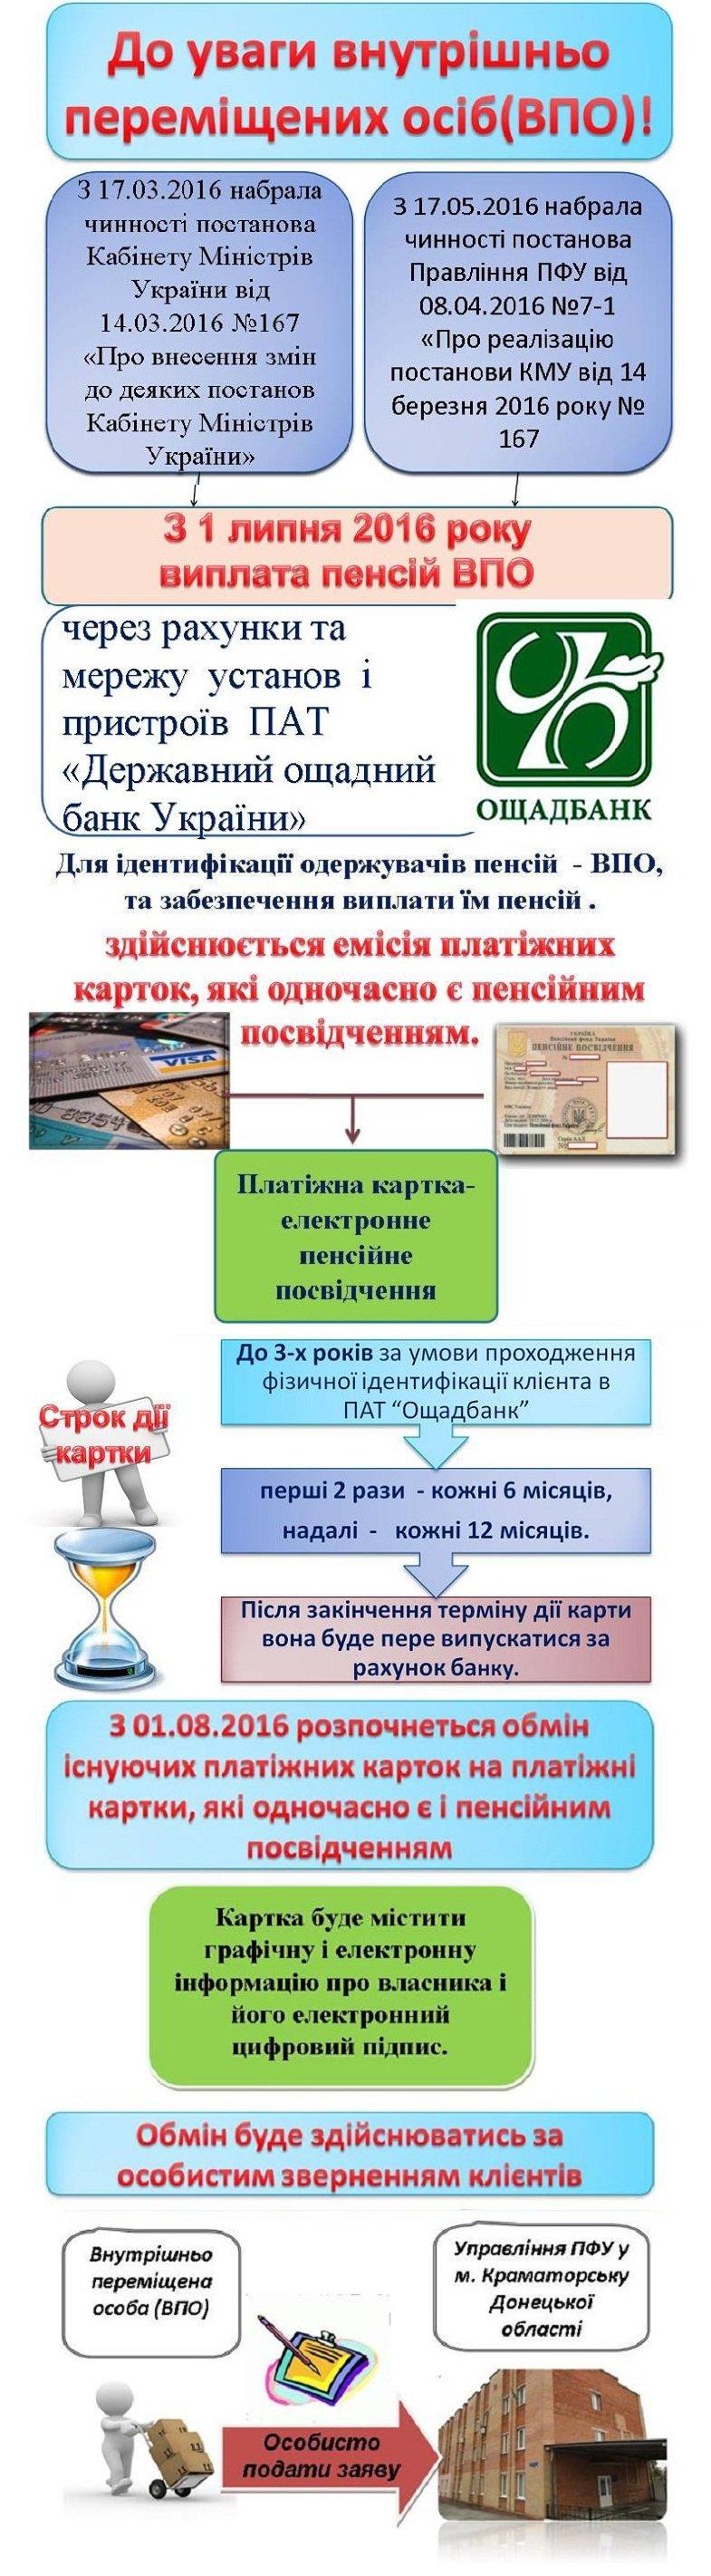 Как получить карточку пенсионерам-переселенцам (ИНФОГРАФИКА), фото-1